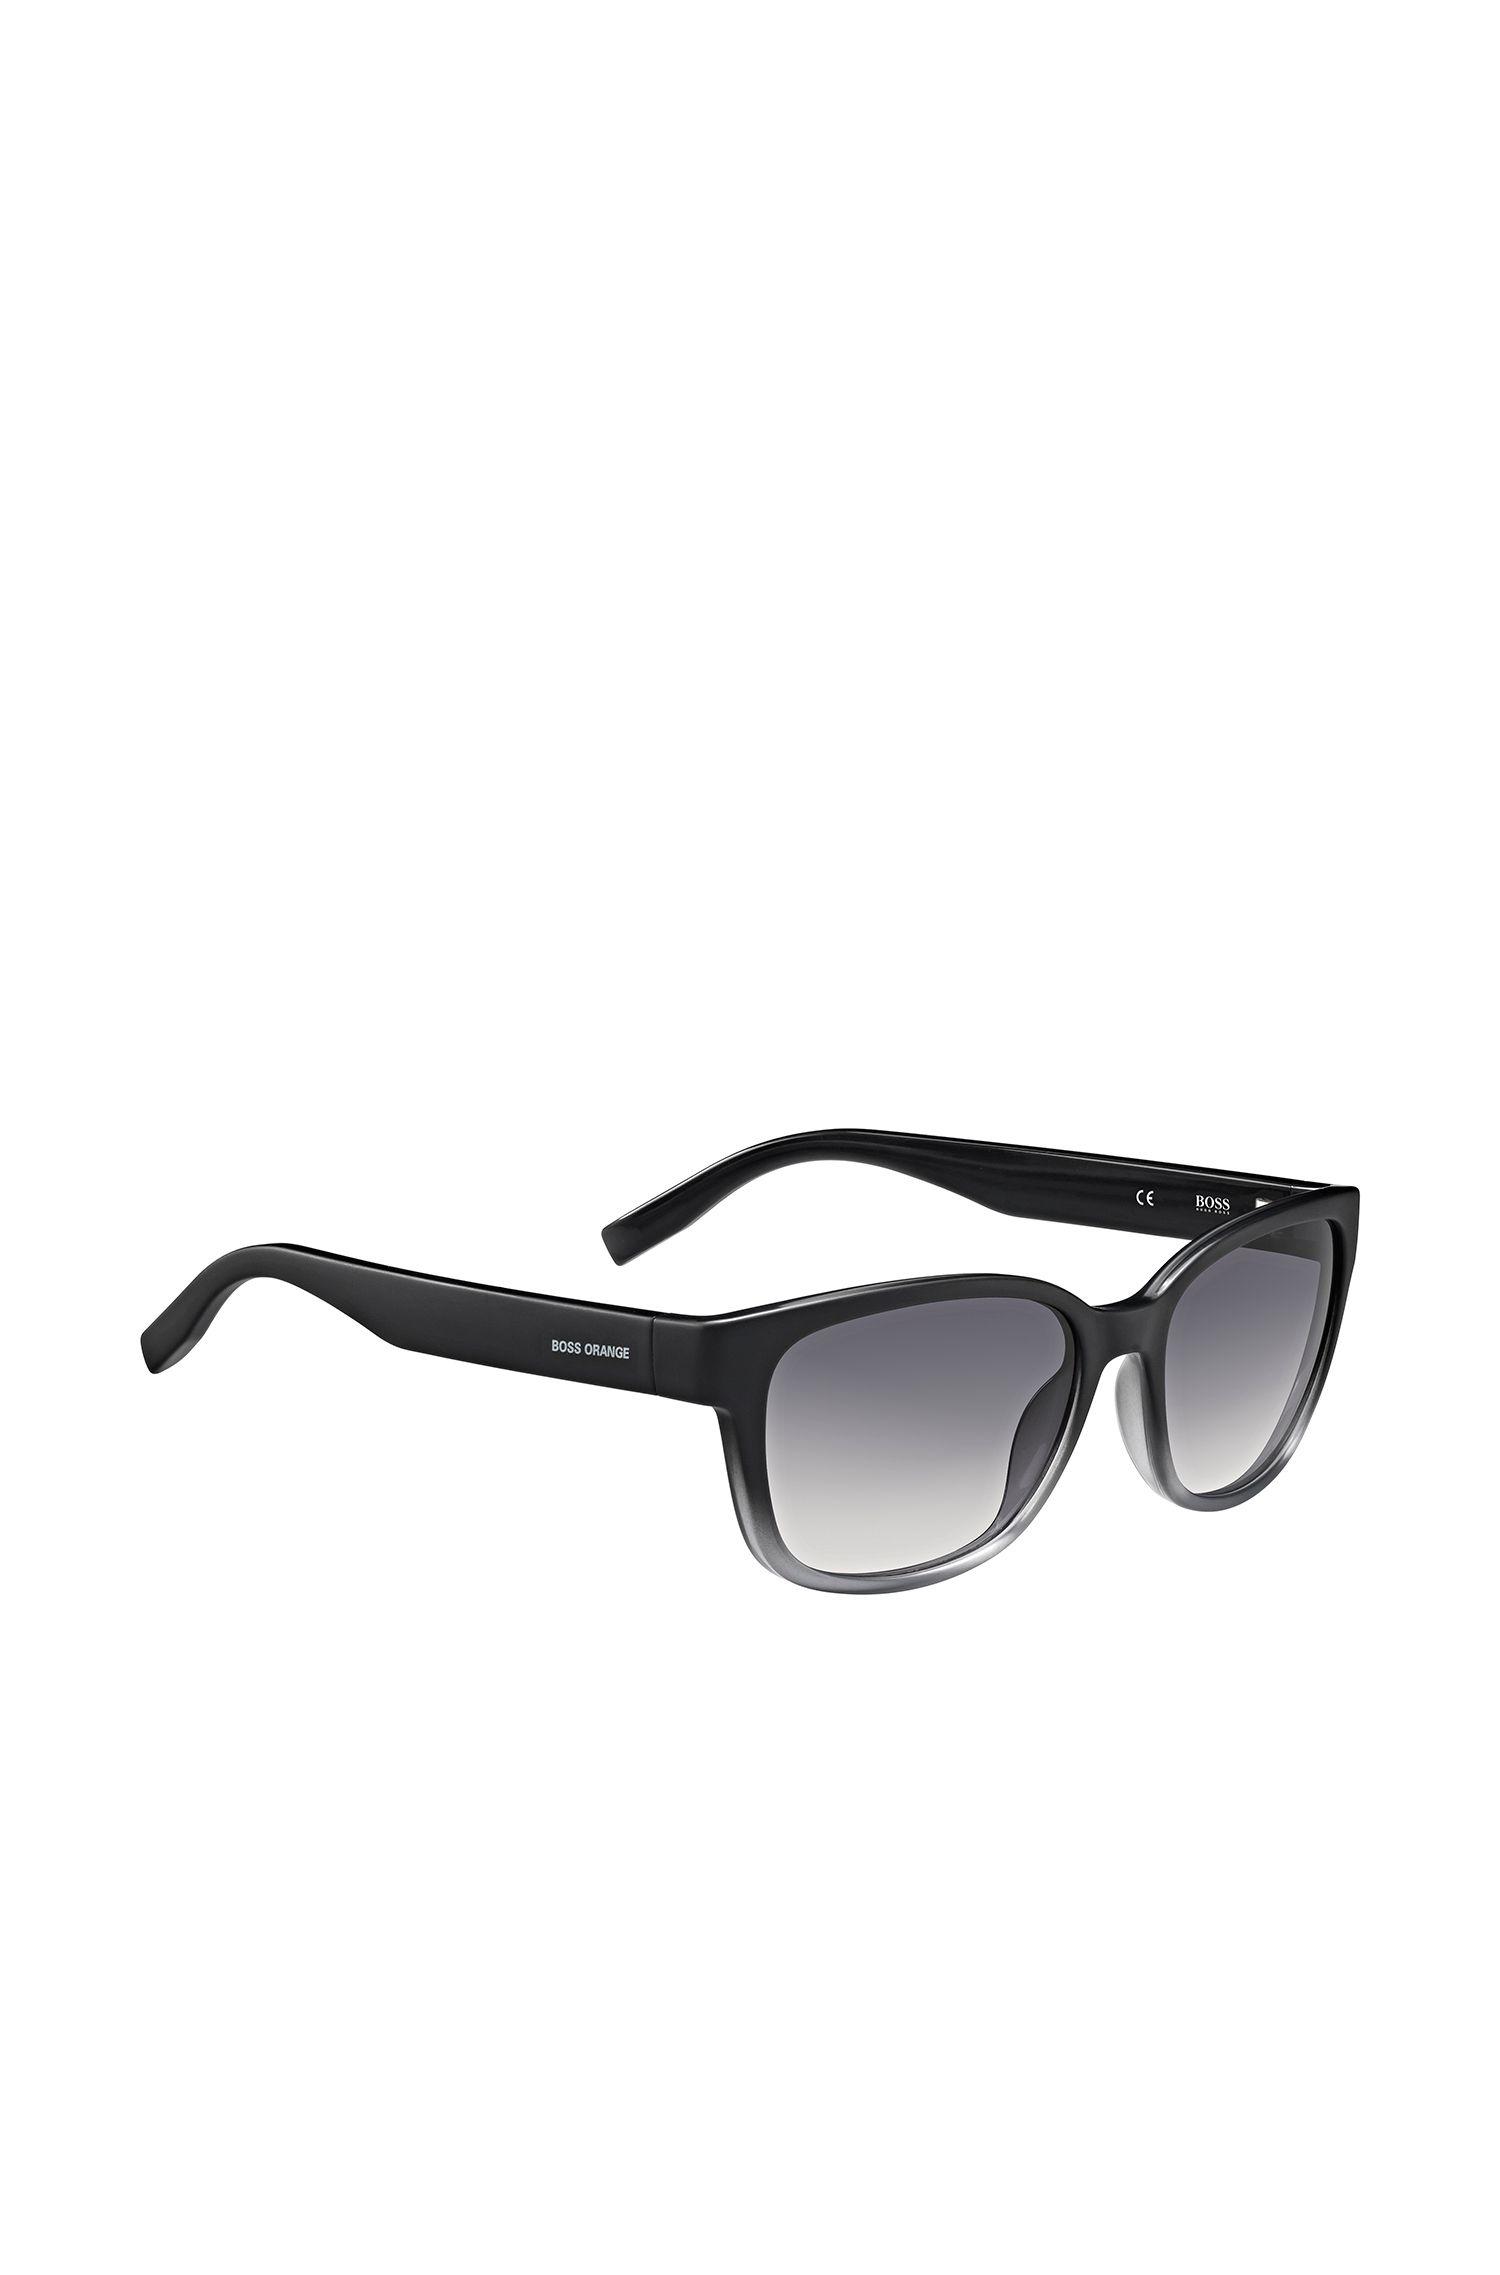 Schwarz-graue Sonnenbrille im Cat-Eye-Stil: 'BO0251/1'